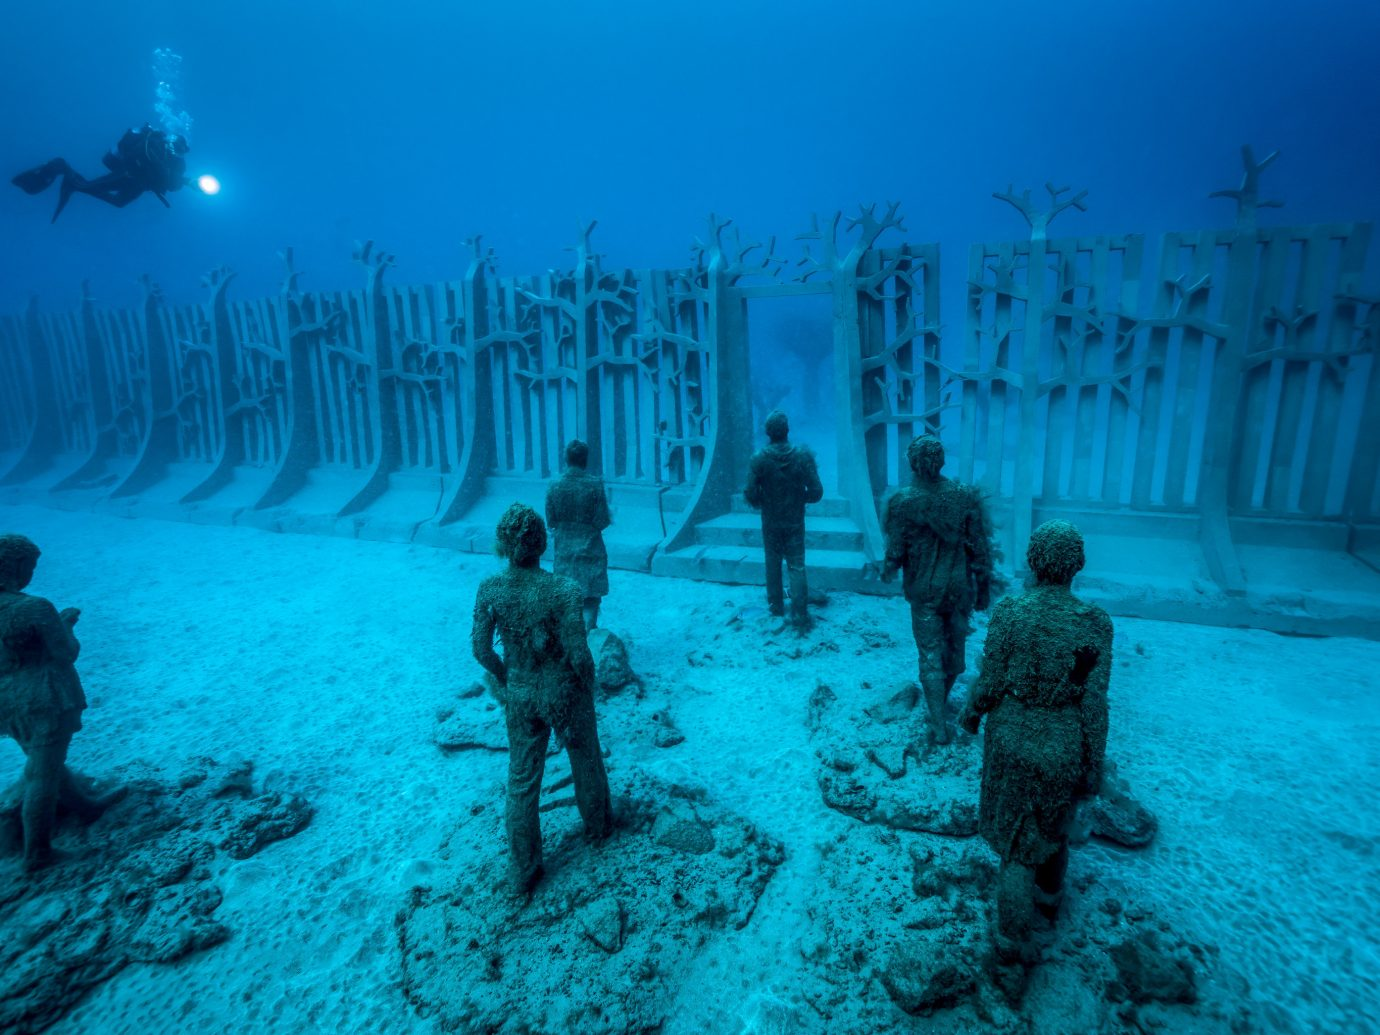 Arts + Culture Offbeat Scuba Diving + Snorkeling Trip Ideas marine biology underwater biology underwater diving swimming ocean floor